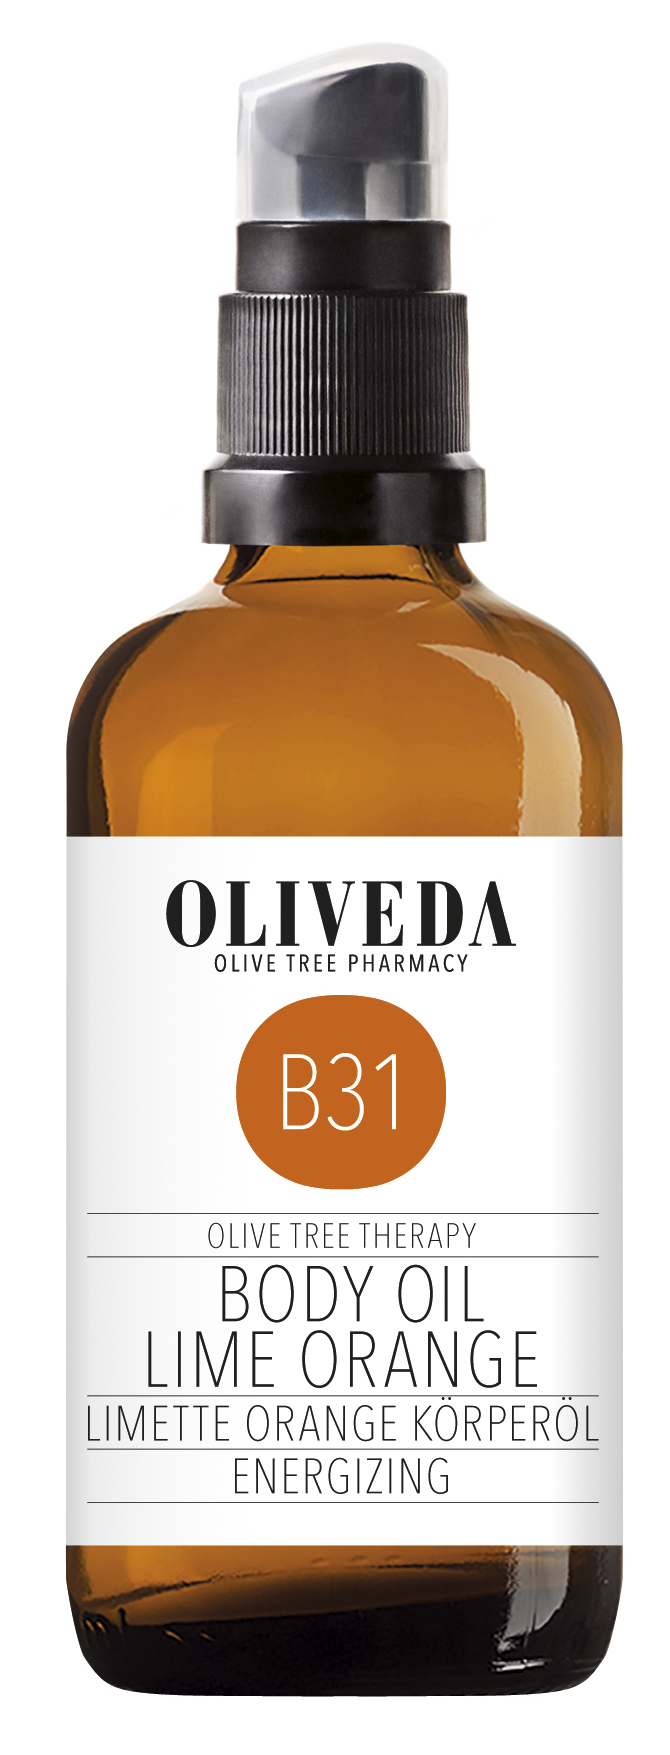 oliveda k rper l limette orange body oil lime orange. Black Bedroom Furniture Sets. Home Design Ideas